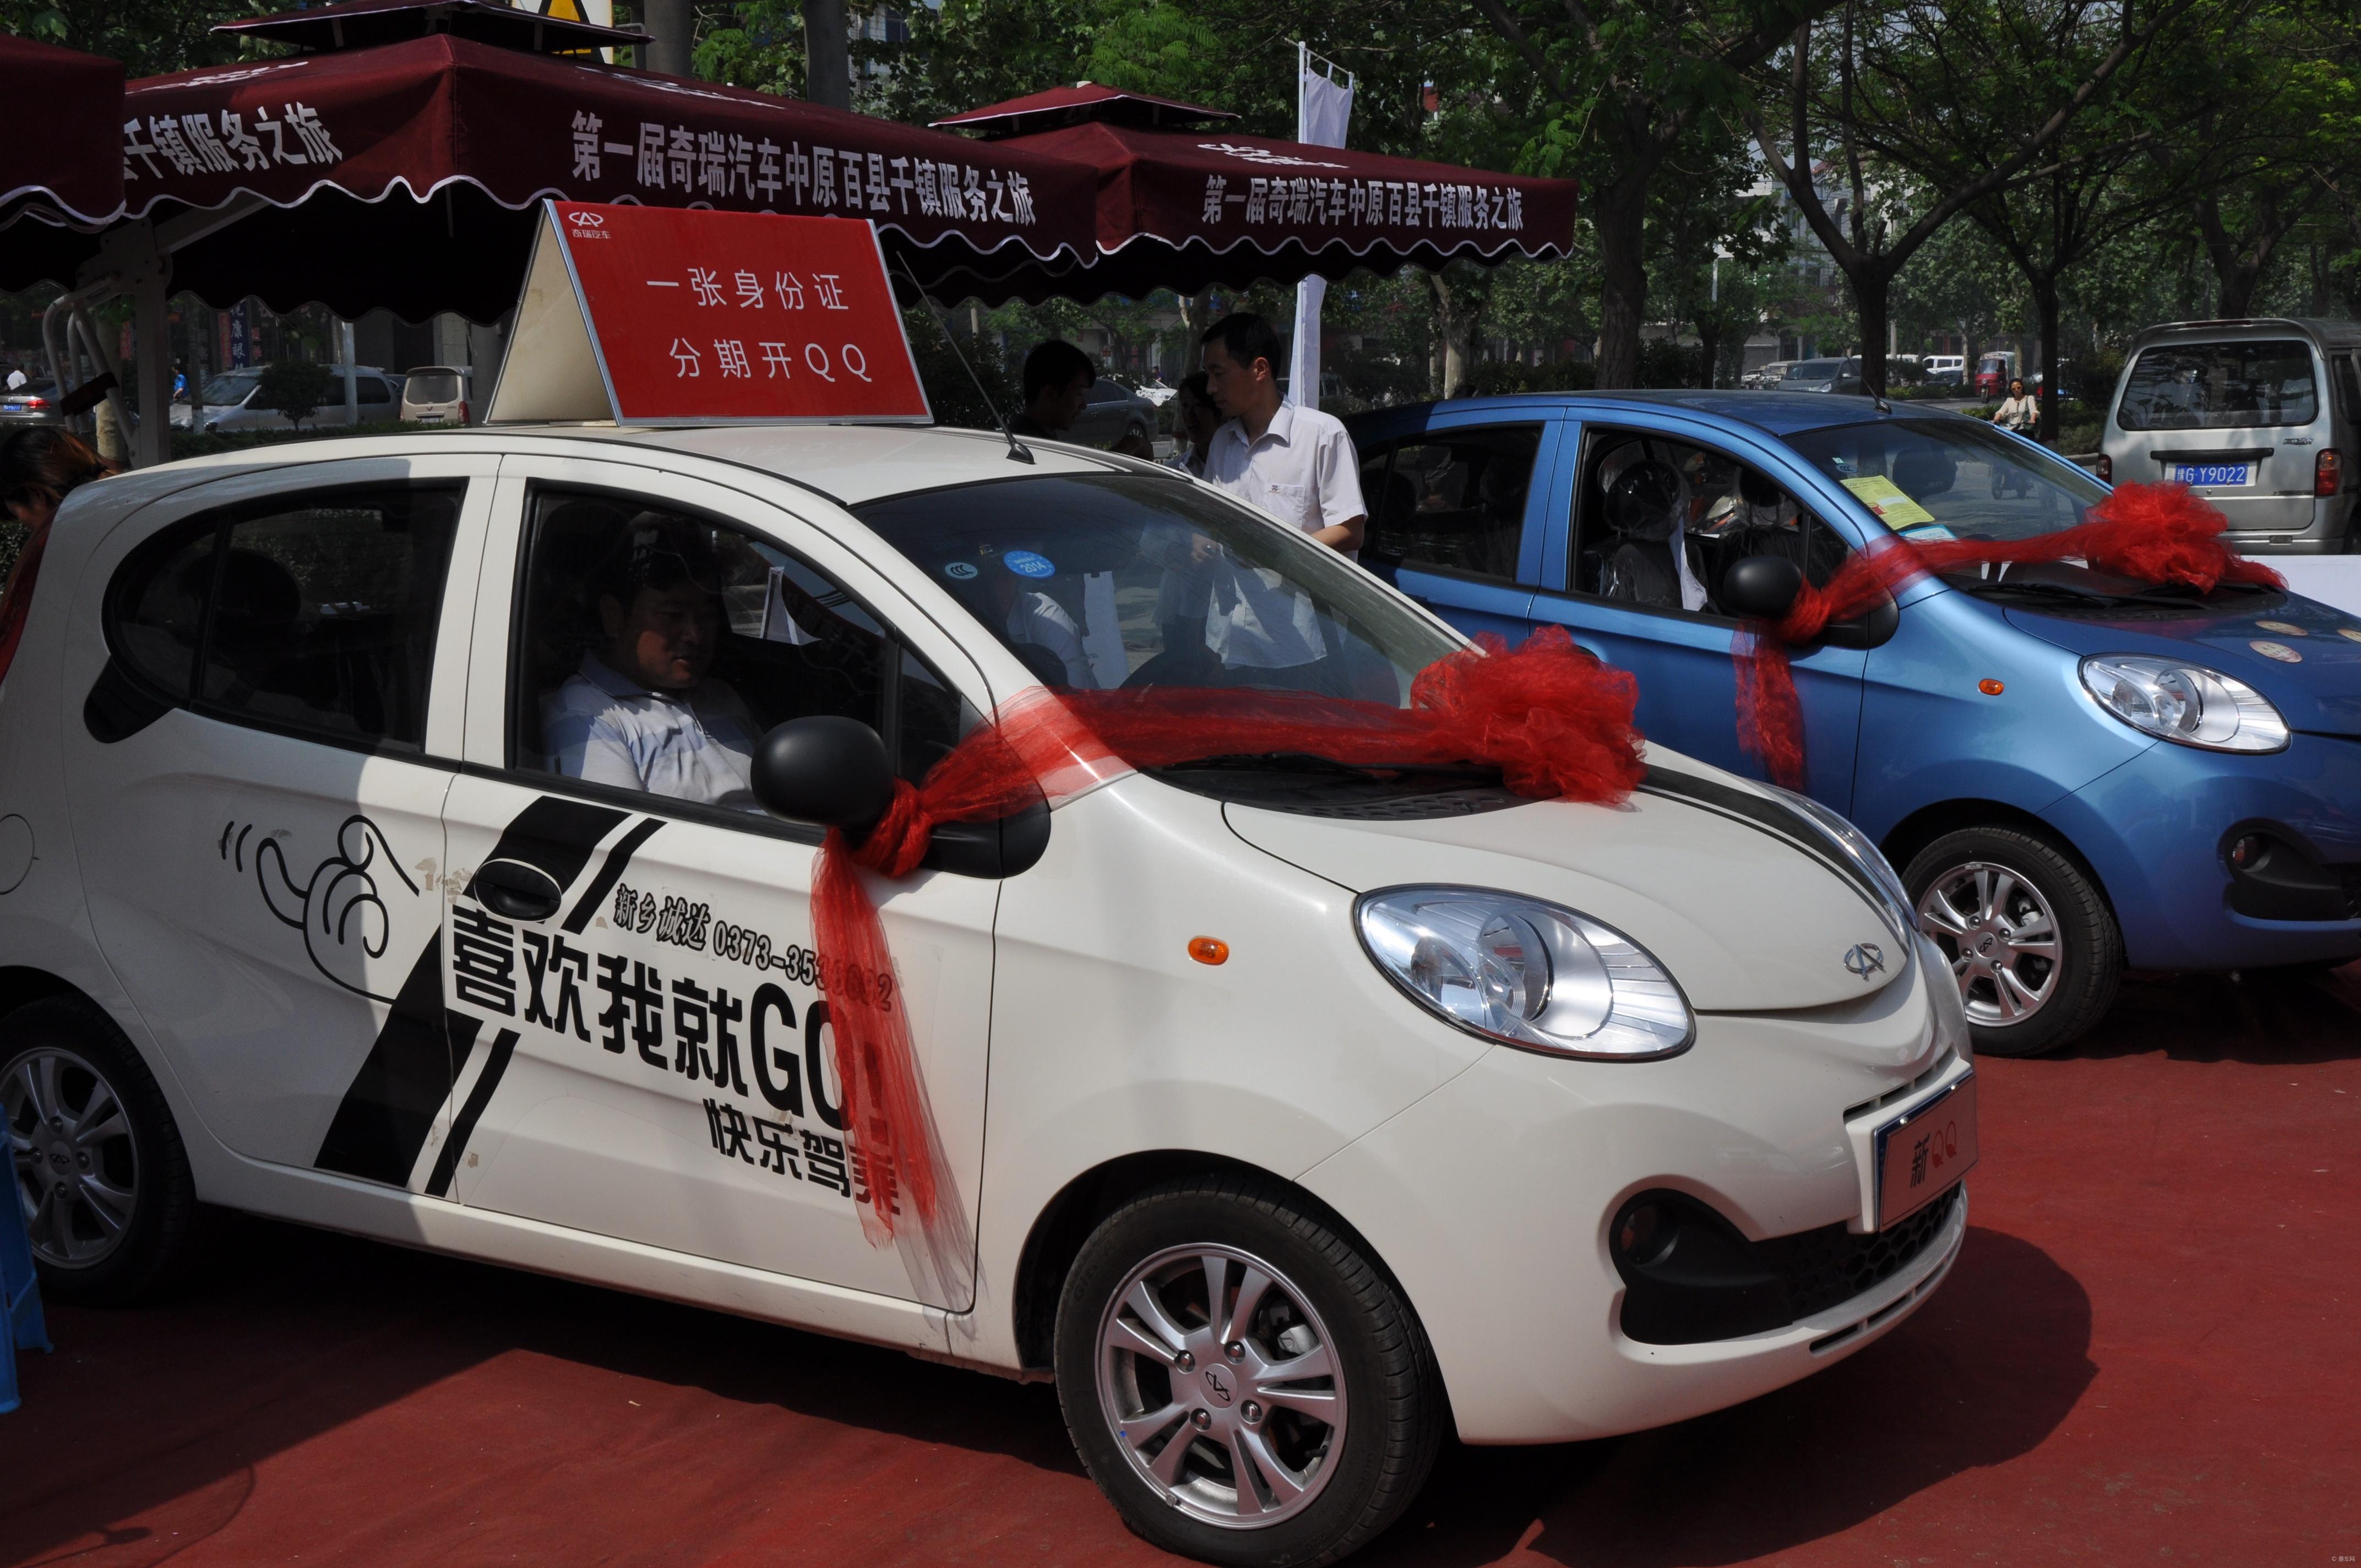 车的免费检测,其中包括:轮胎气压检测,灯光检测,仪表检测,离合器检测图片